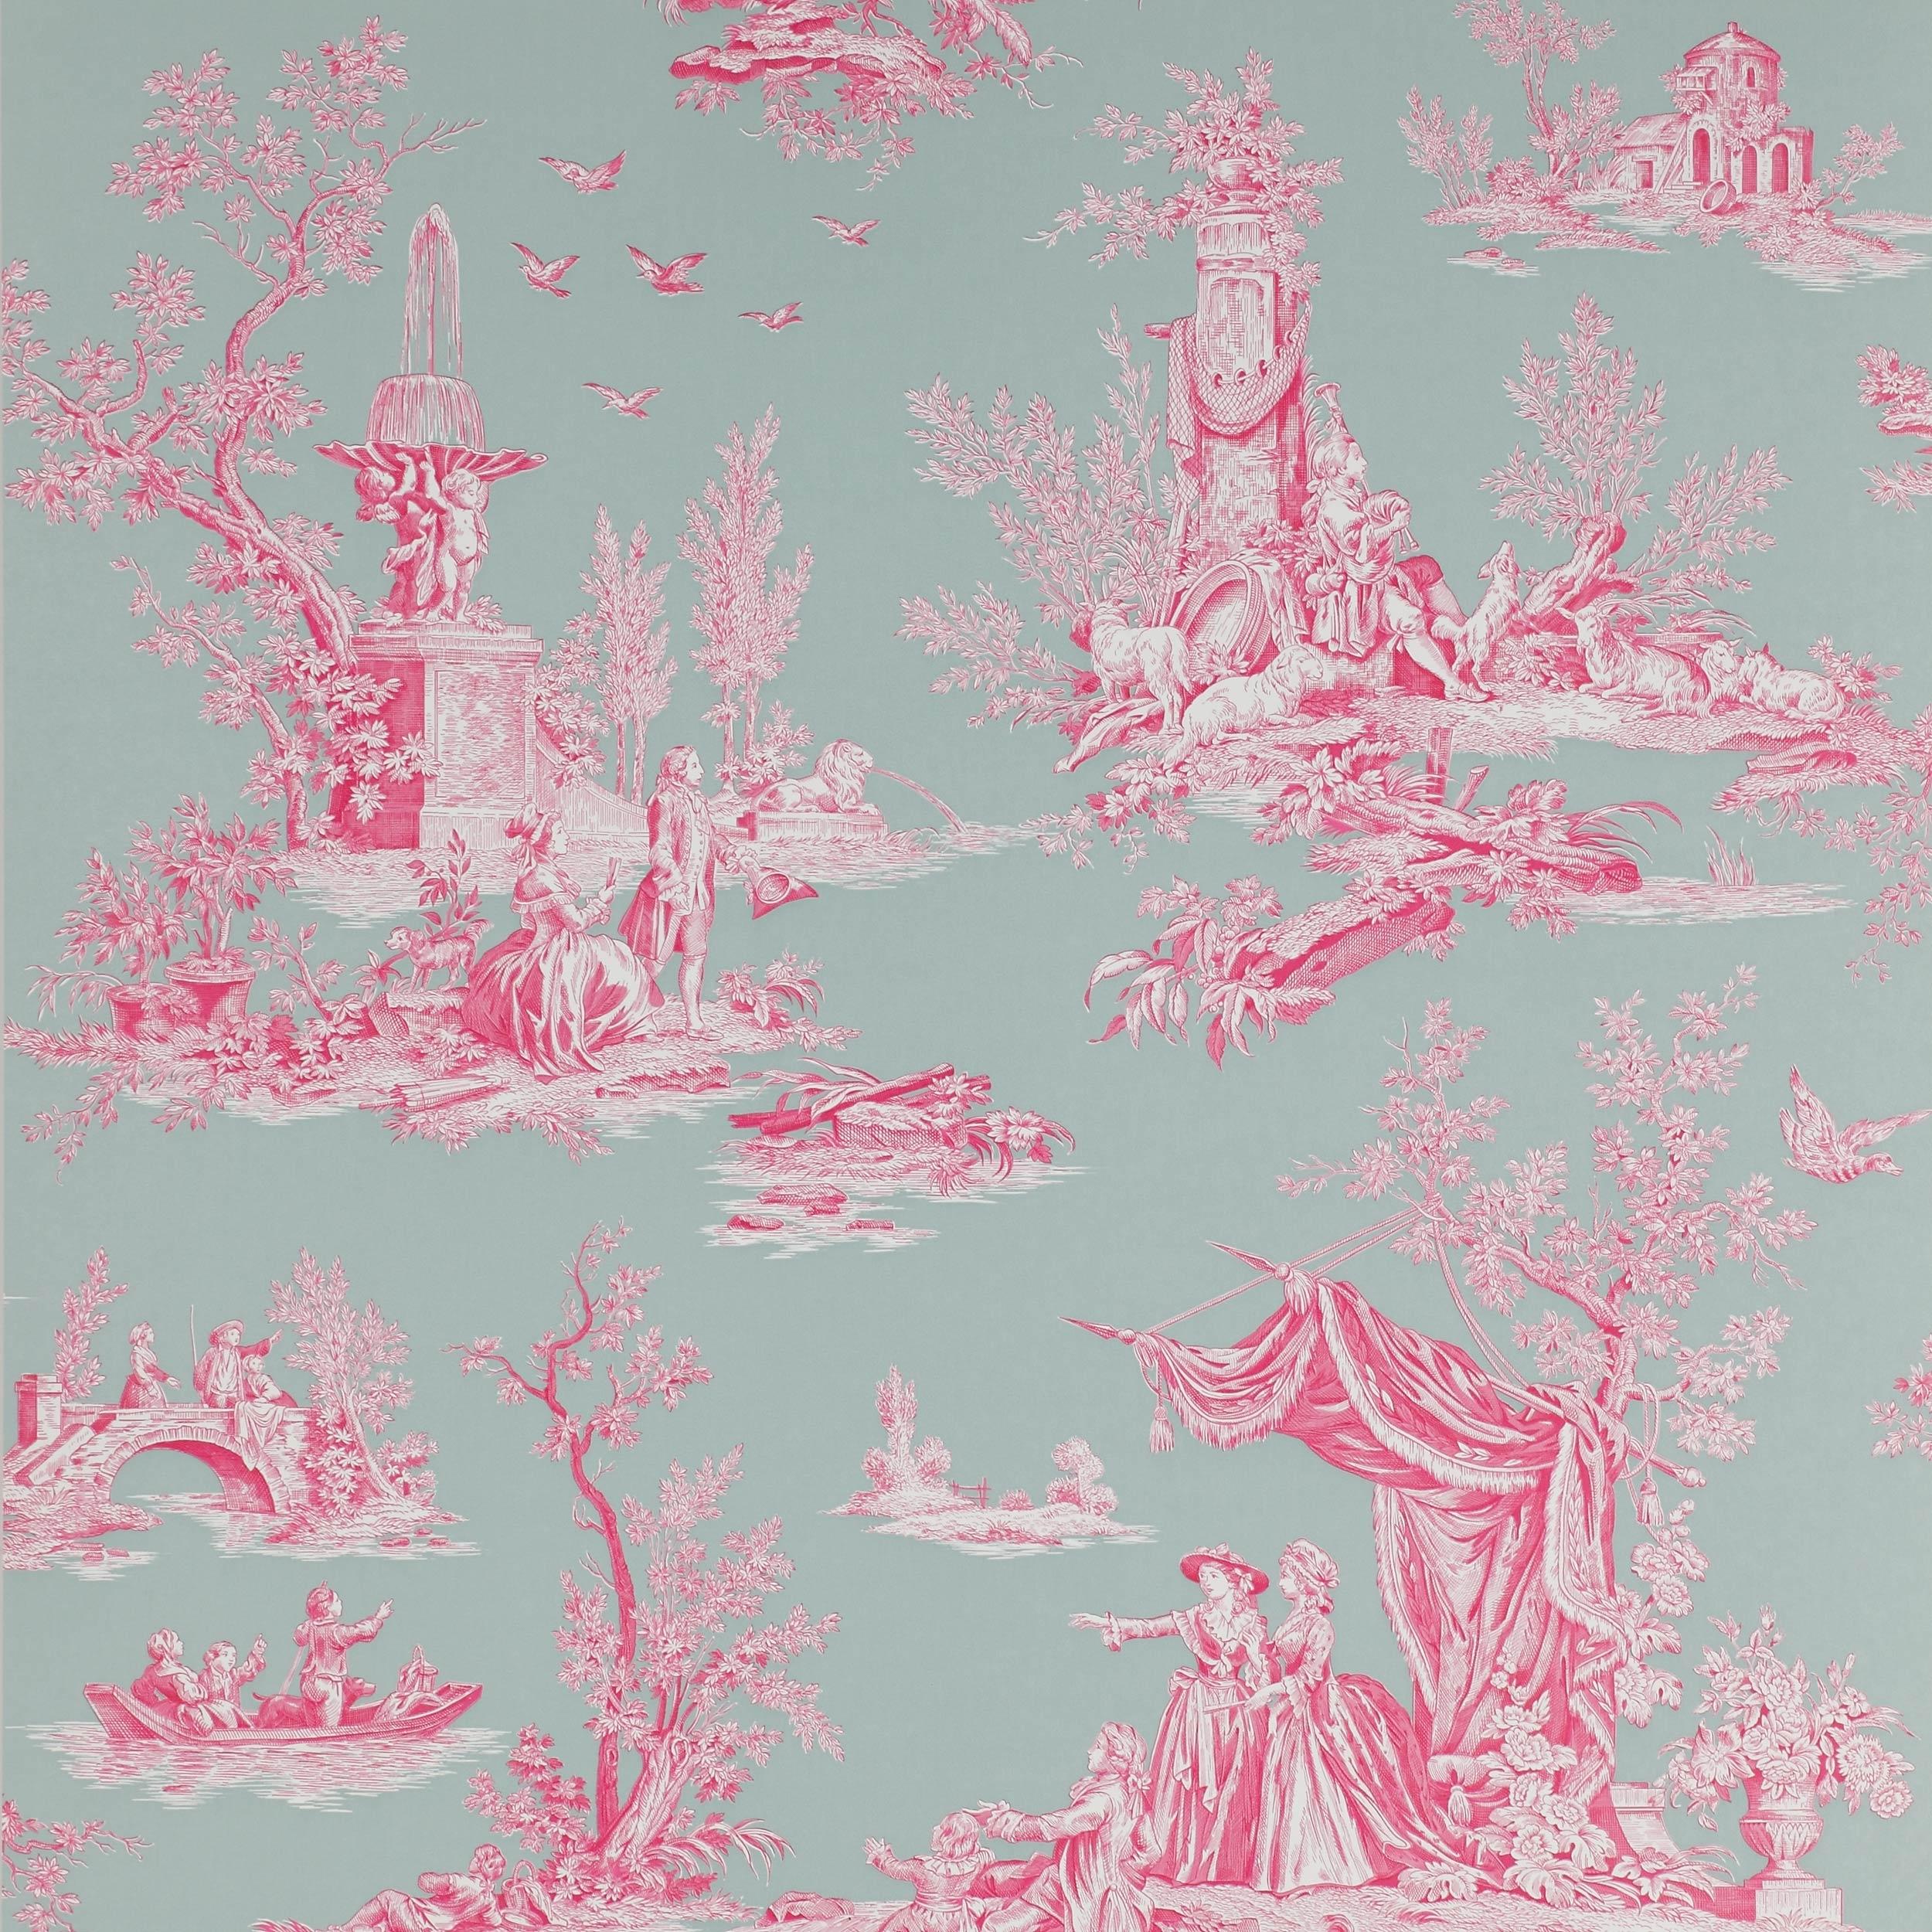 papier peint jardin du luxembourg papiers peints par. Black Bedroom Furniture Sets. Home Design Ideas